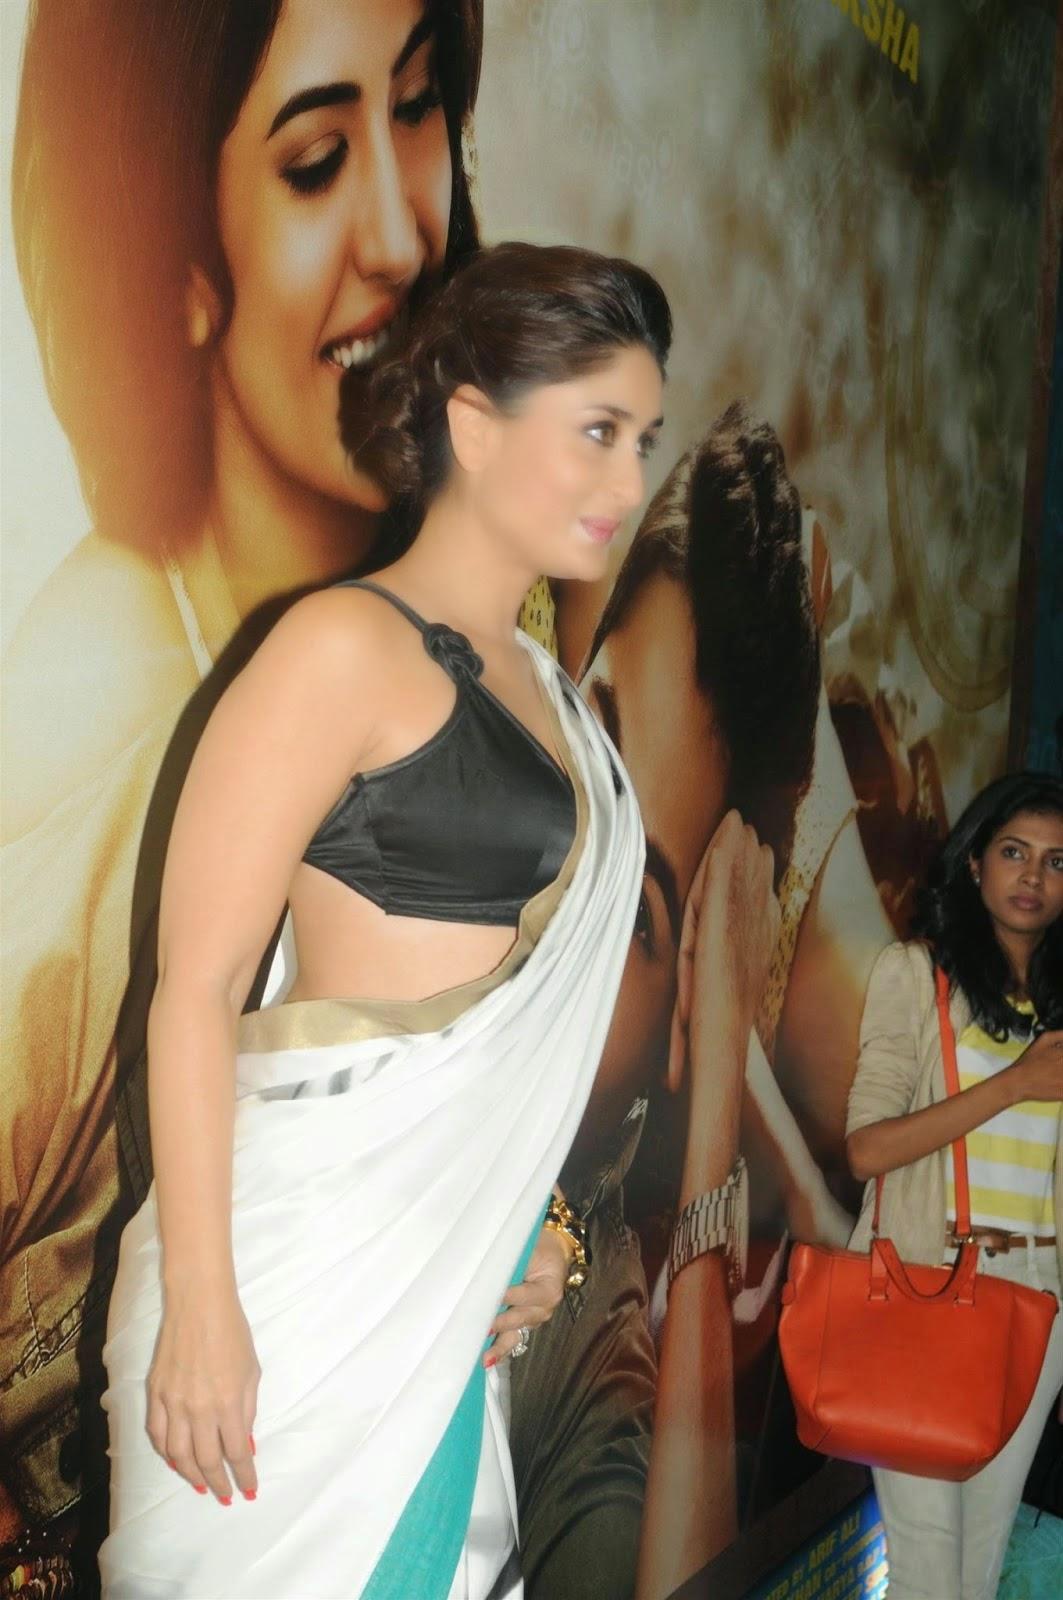 kareena hot bikini photo